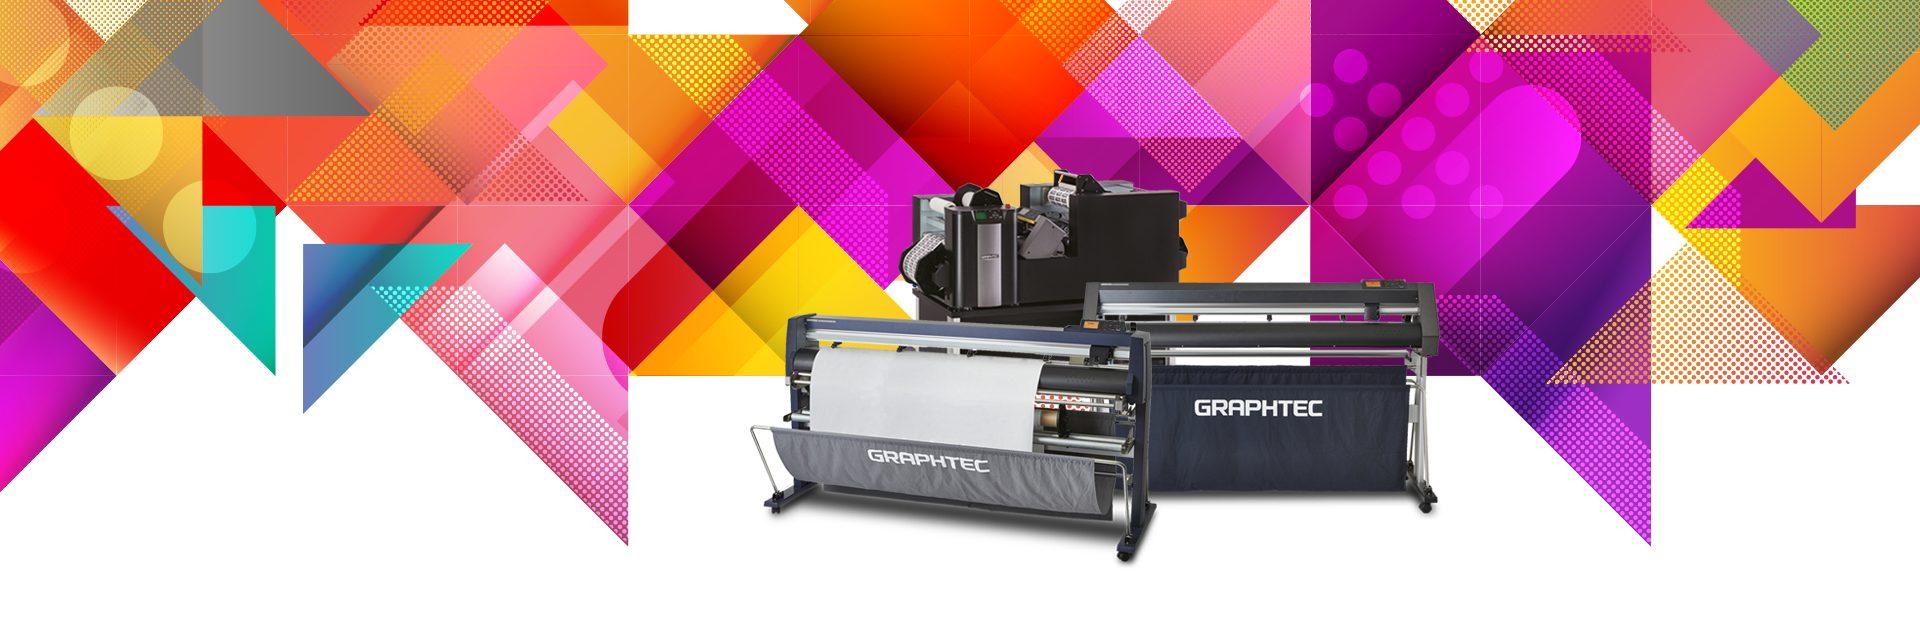 graphtec tekercses vágóplotterek és digitális címkefeldolgozó